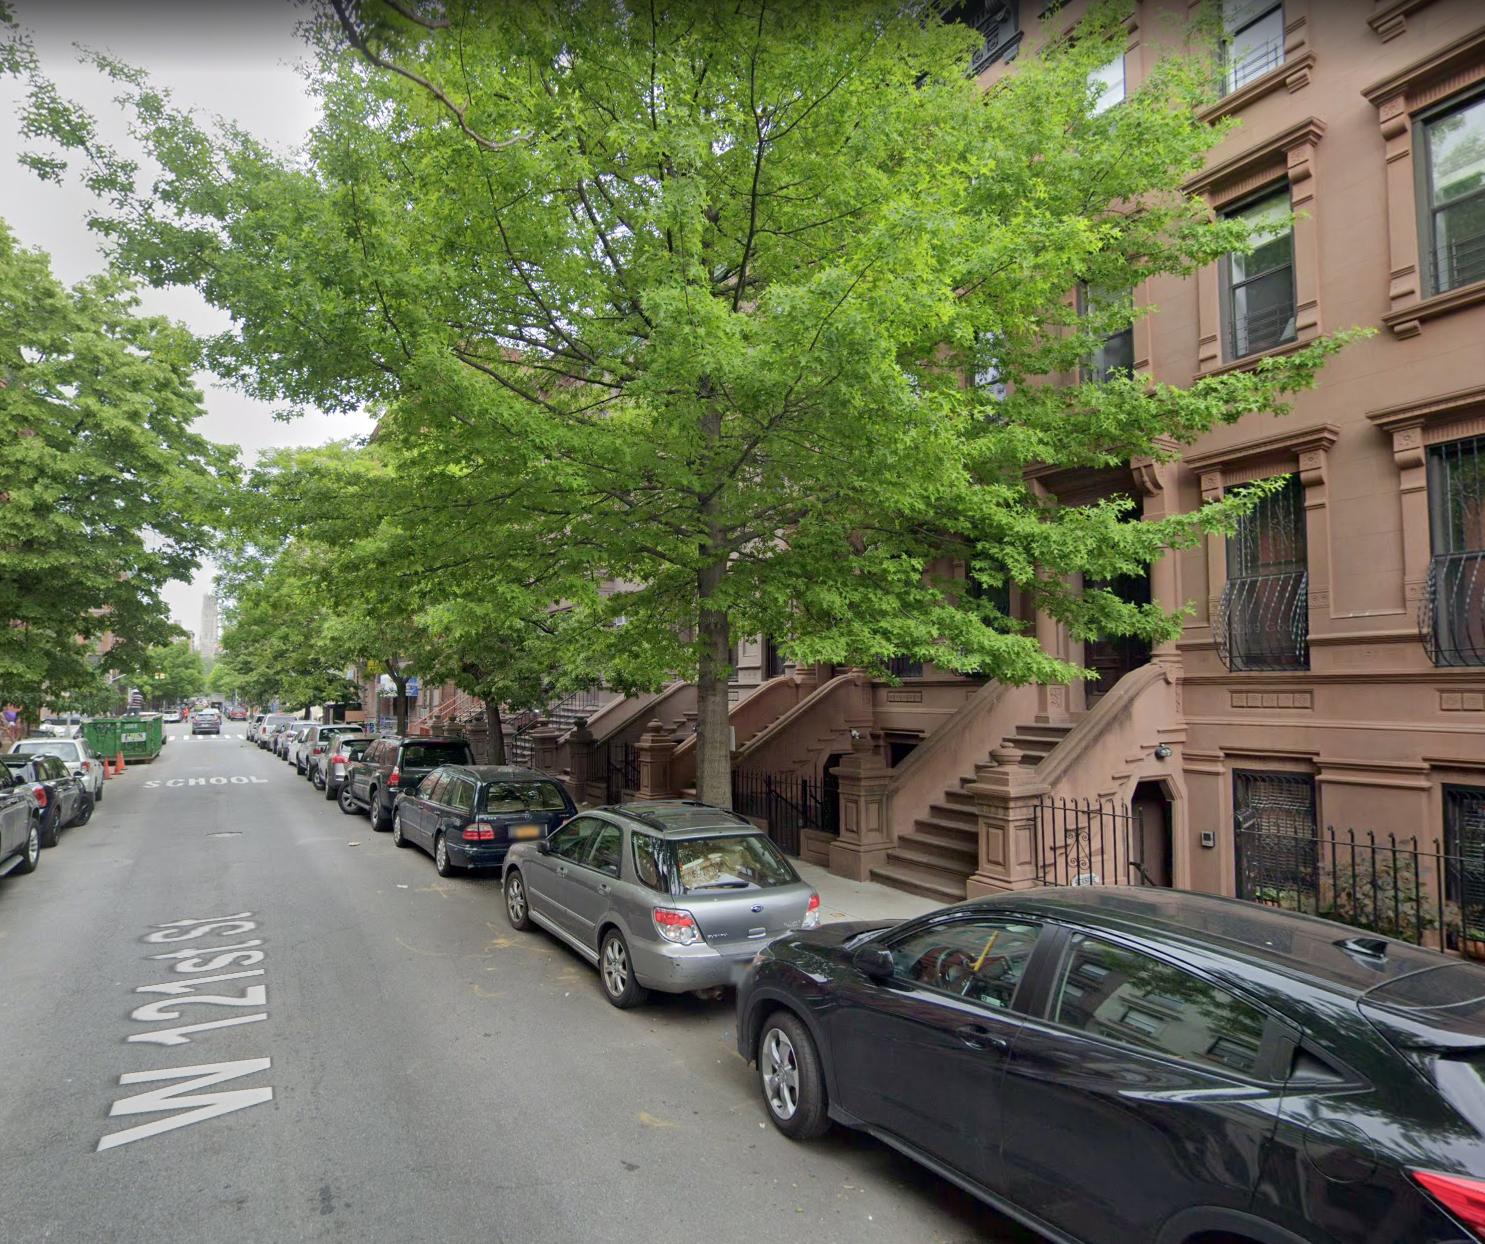 3 muertos en Harlem